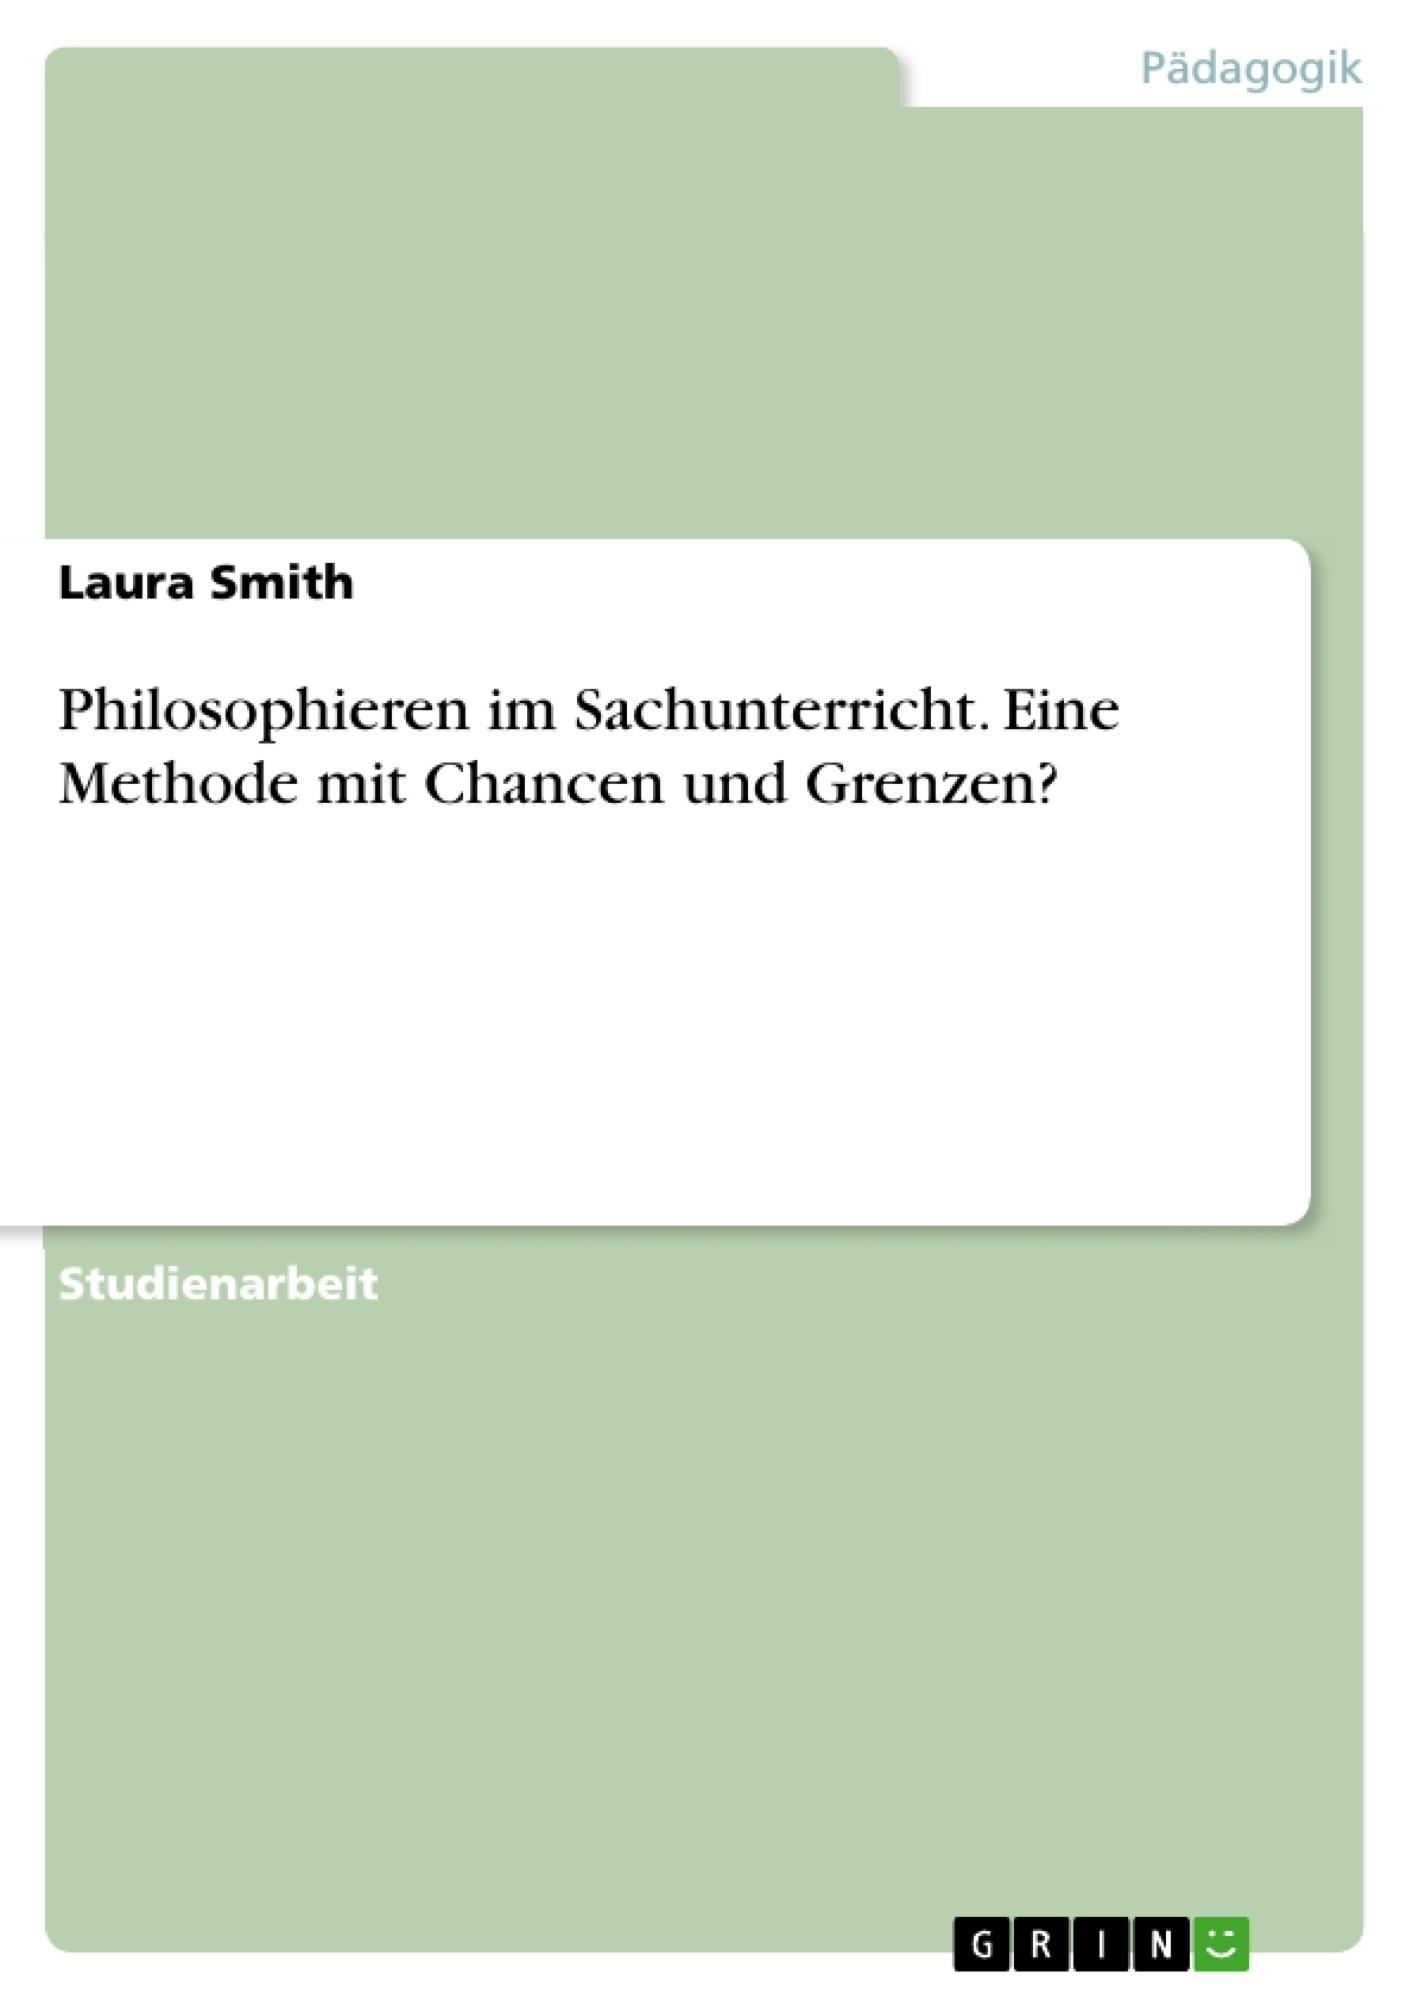 Titel: Philosophieren im Sachunterricht. Eine Methode mit Chancen und Grenzen?